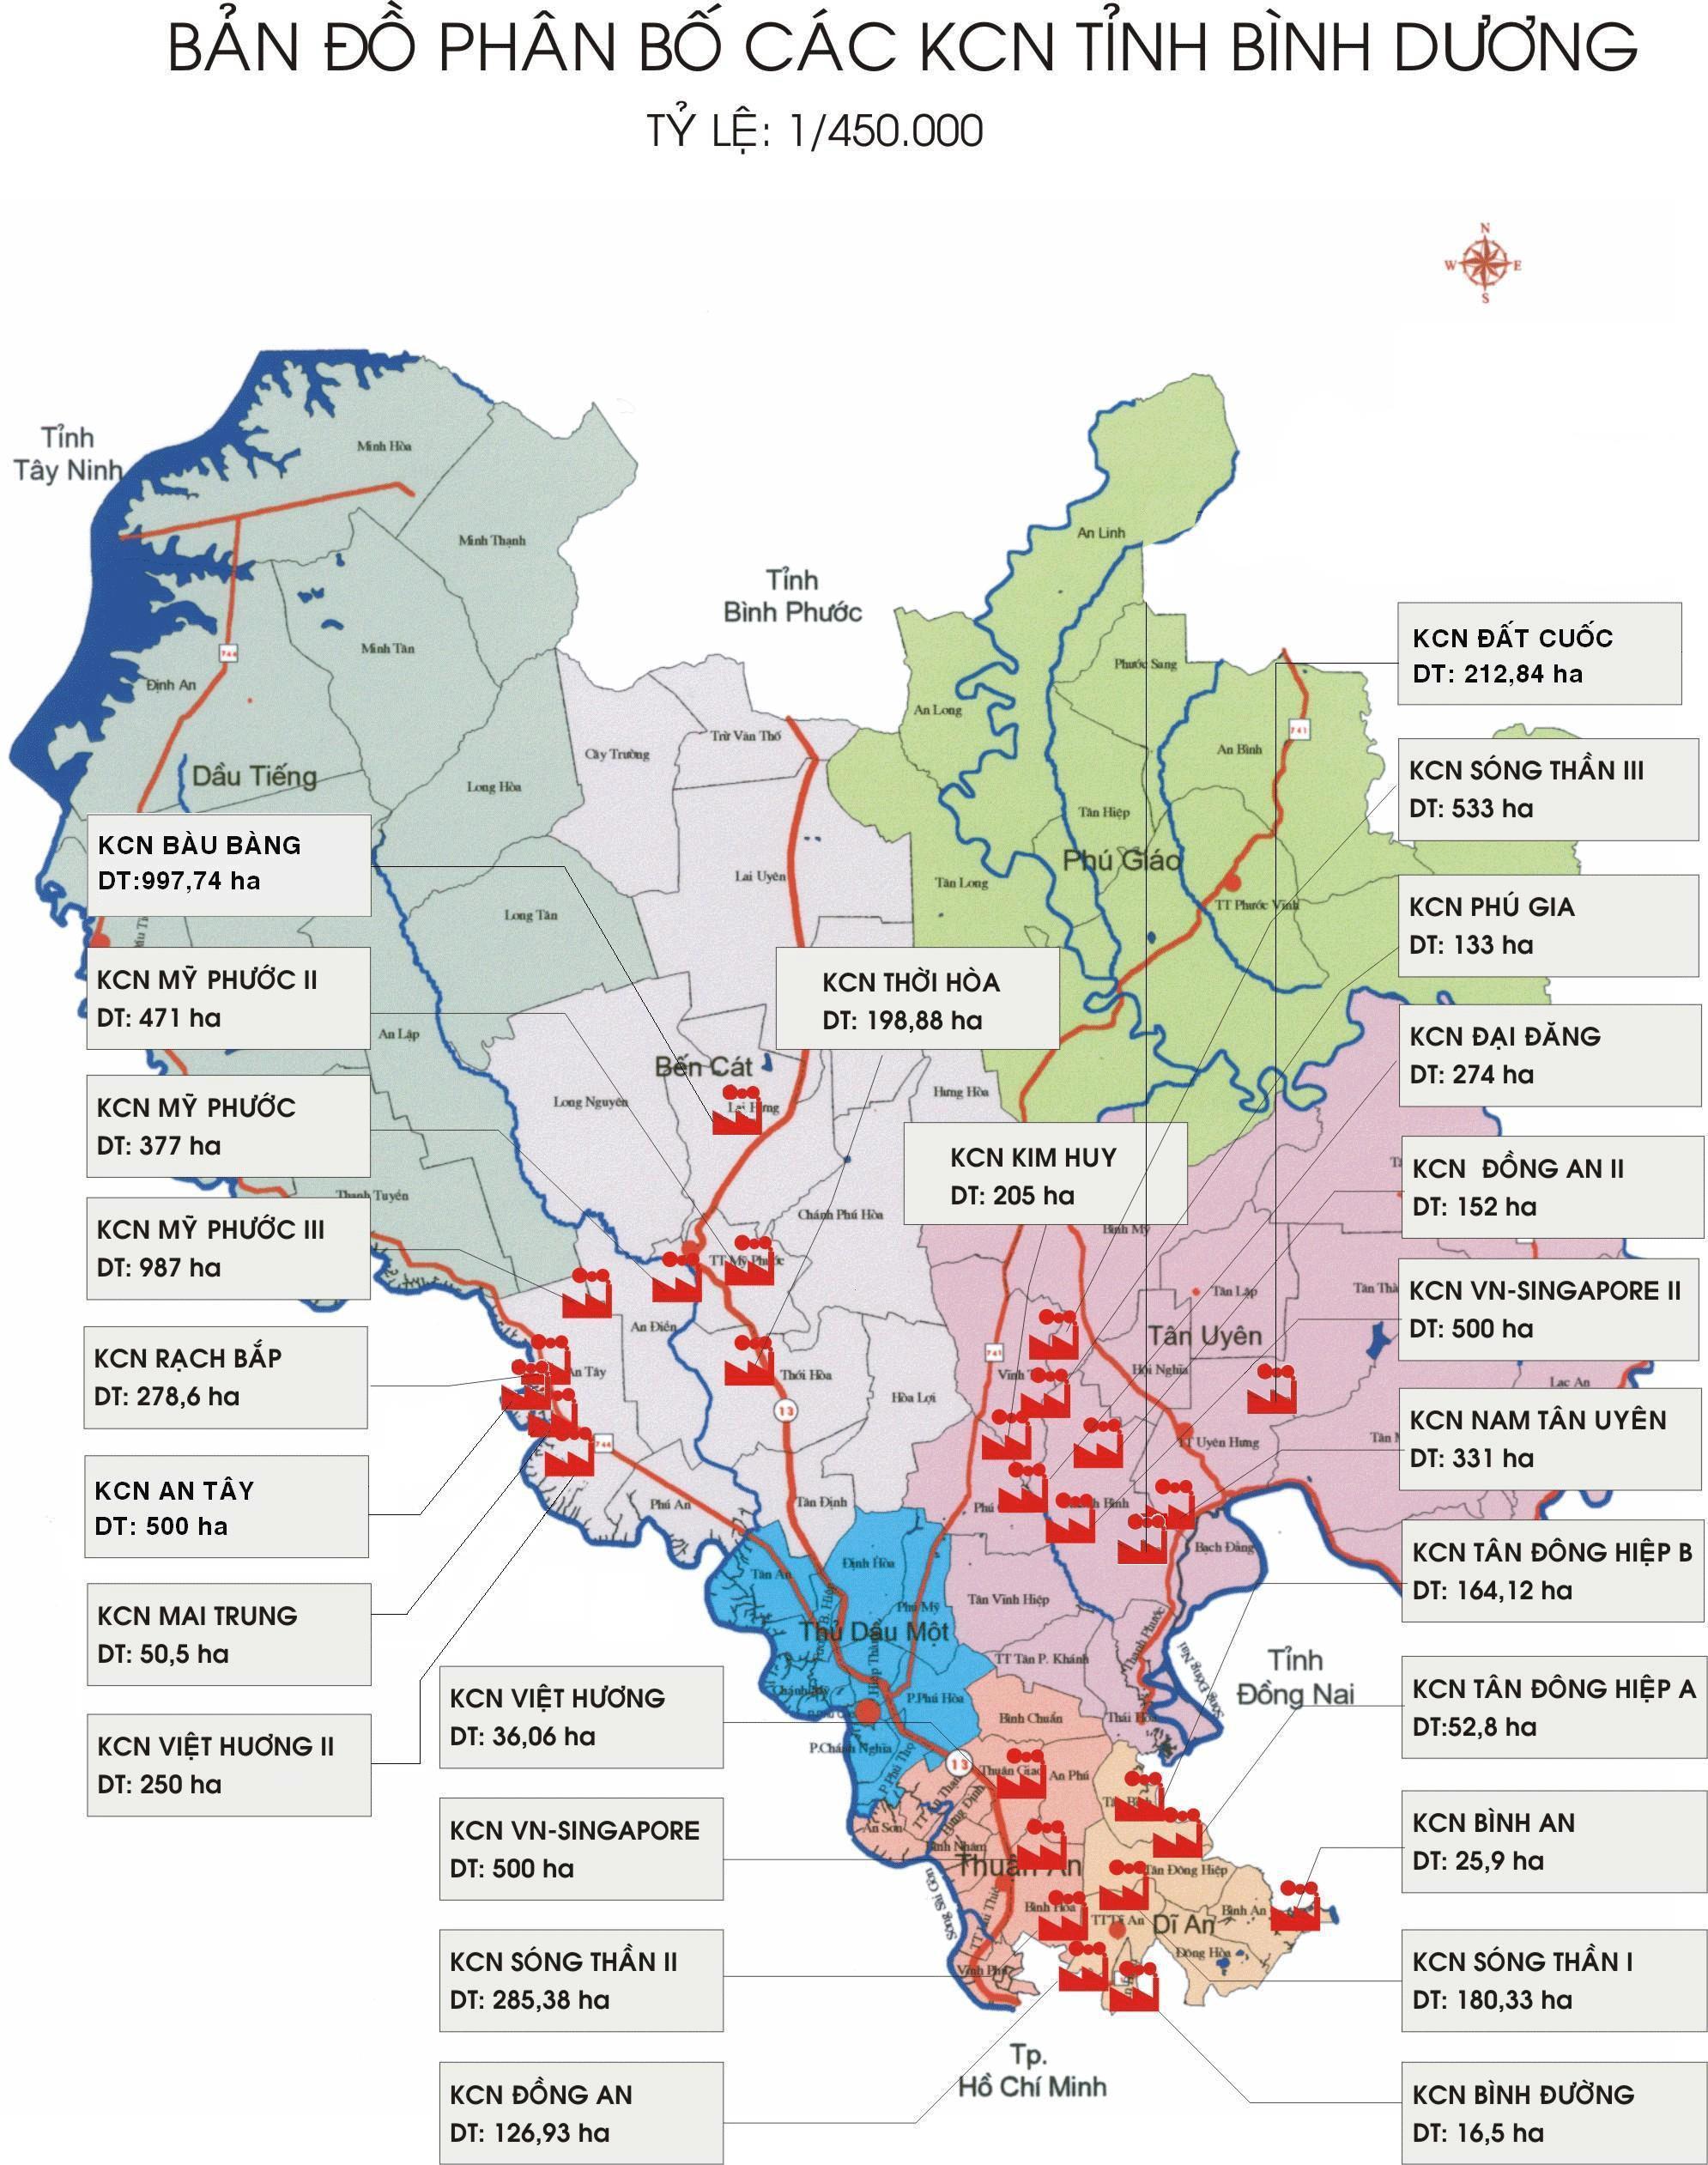 Quyết định 1107/QĐ-TTg Quy hoạch phát triển khu công nghiệp Việt Nam đến 2015-2020